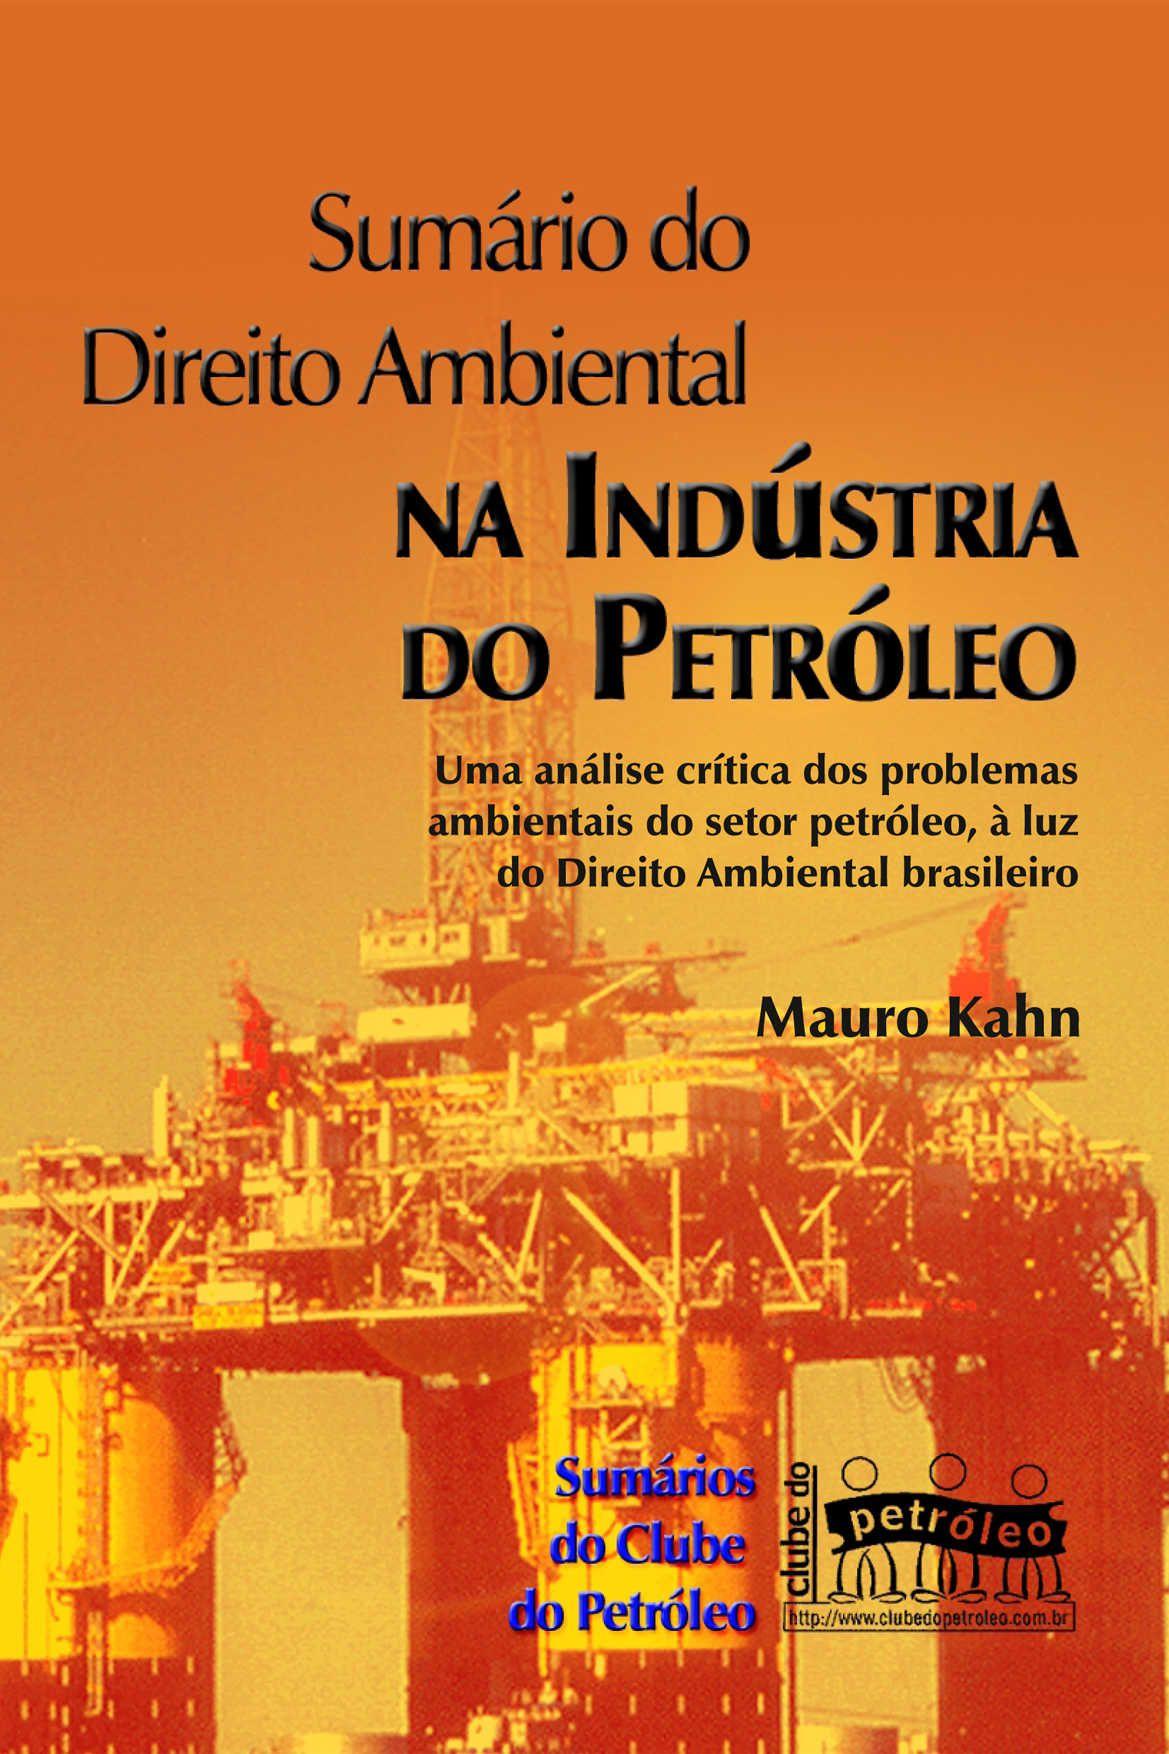 Sumário do Direito Ambiental na Indústria do Petróleo